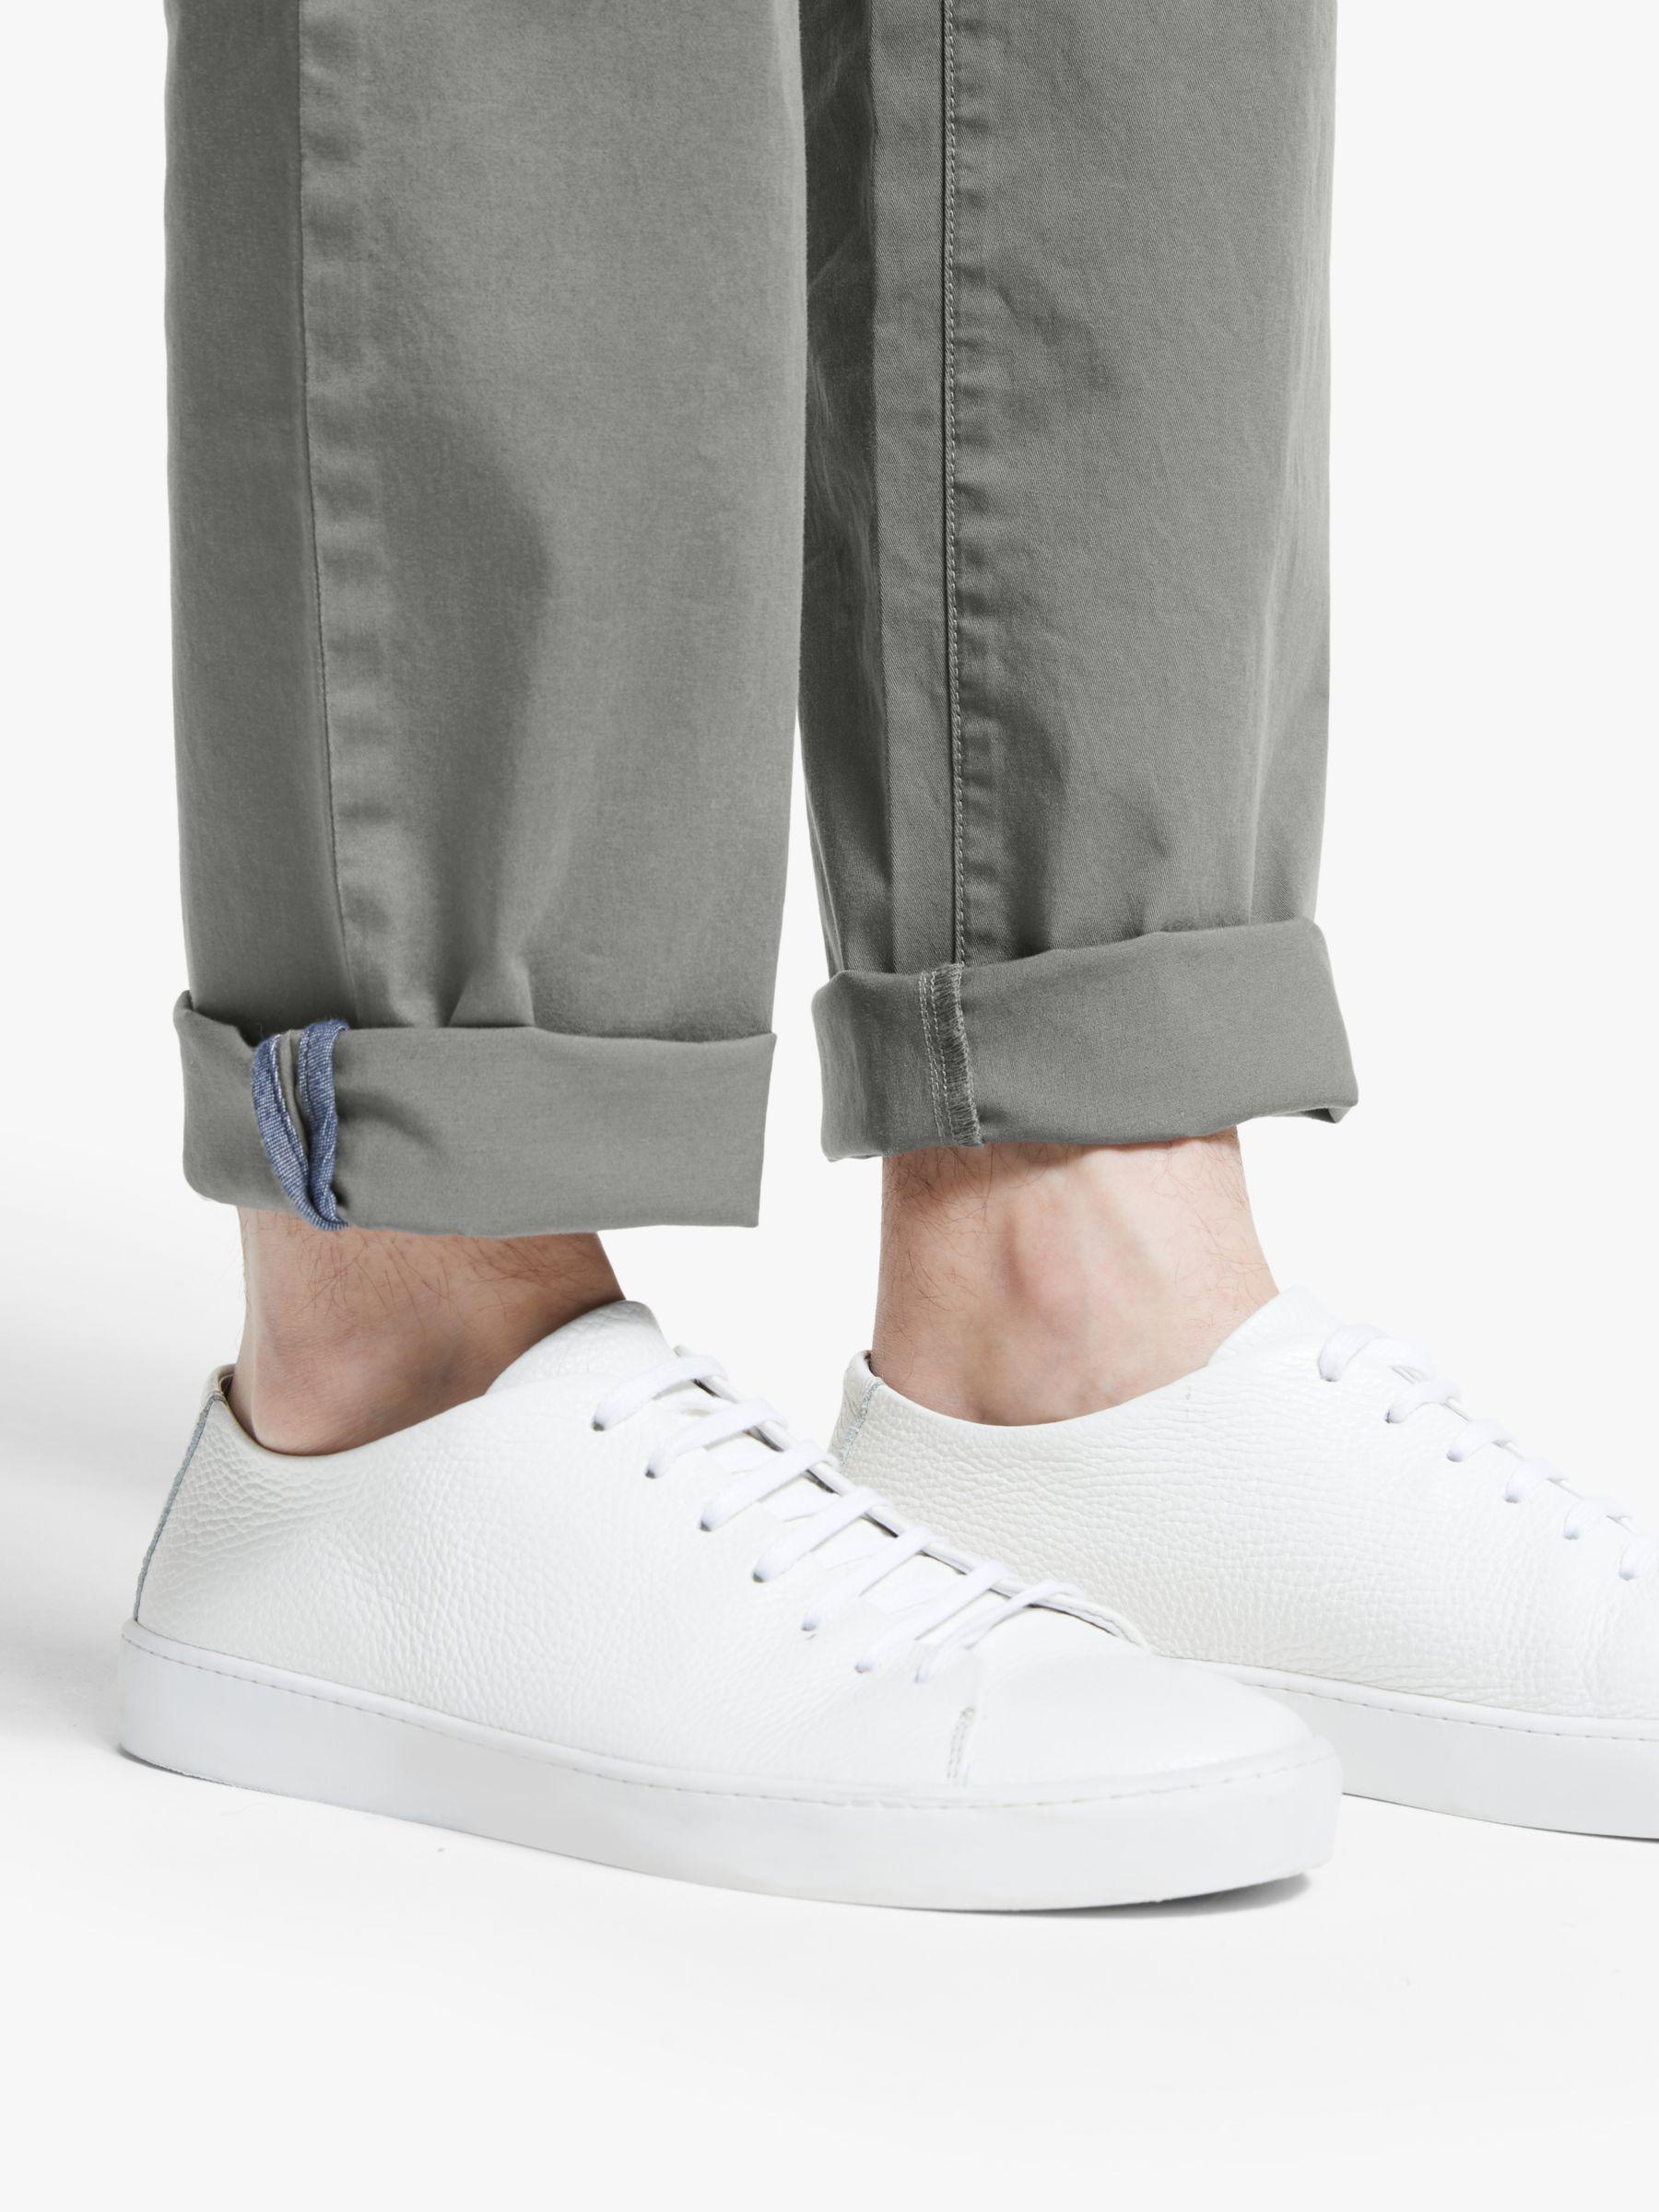 klassiska skor köp populärt bäst GANT Regular Twill Chino Trousers | Adidas stan smith, Adidas stan ...